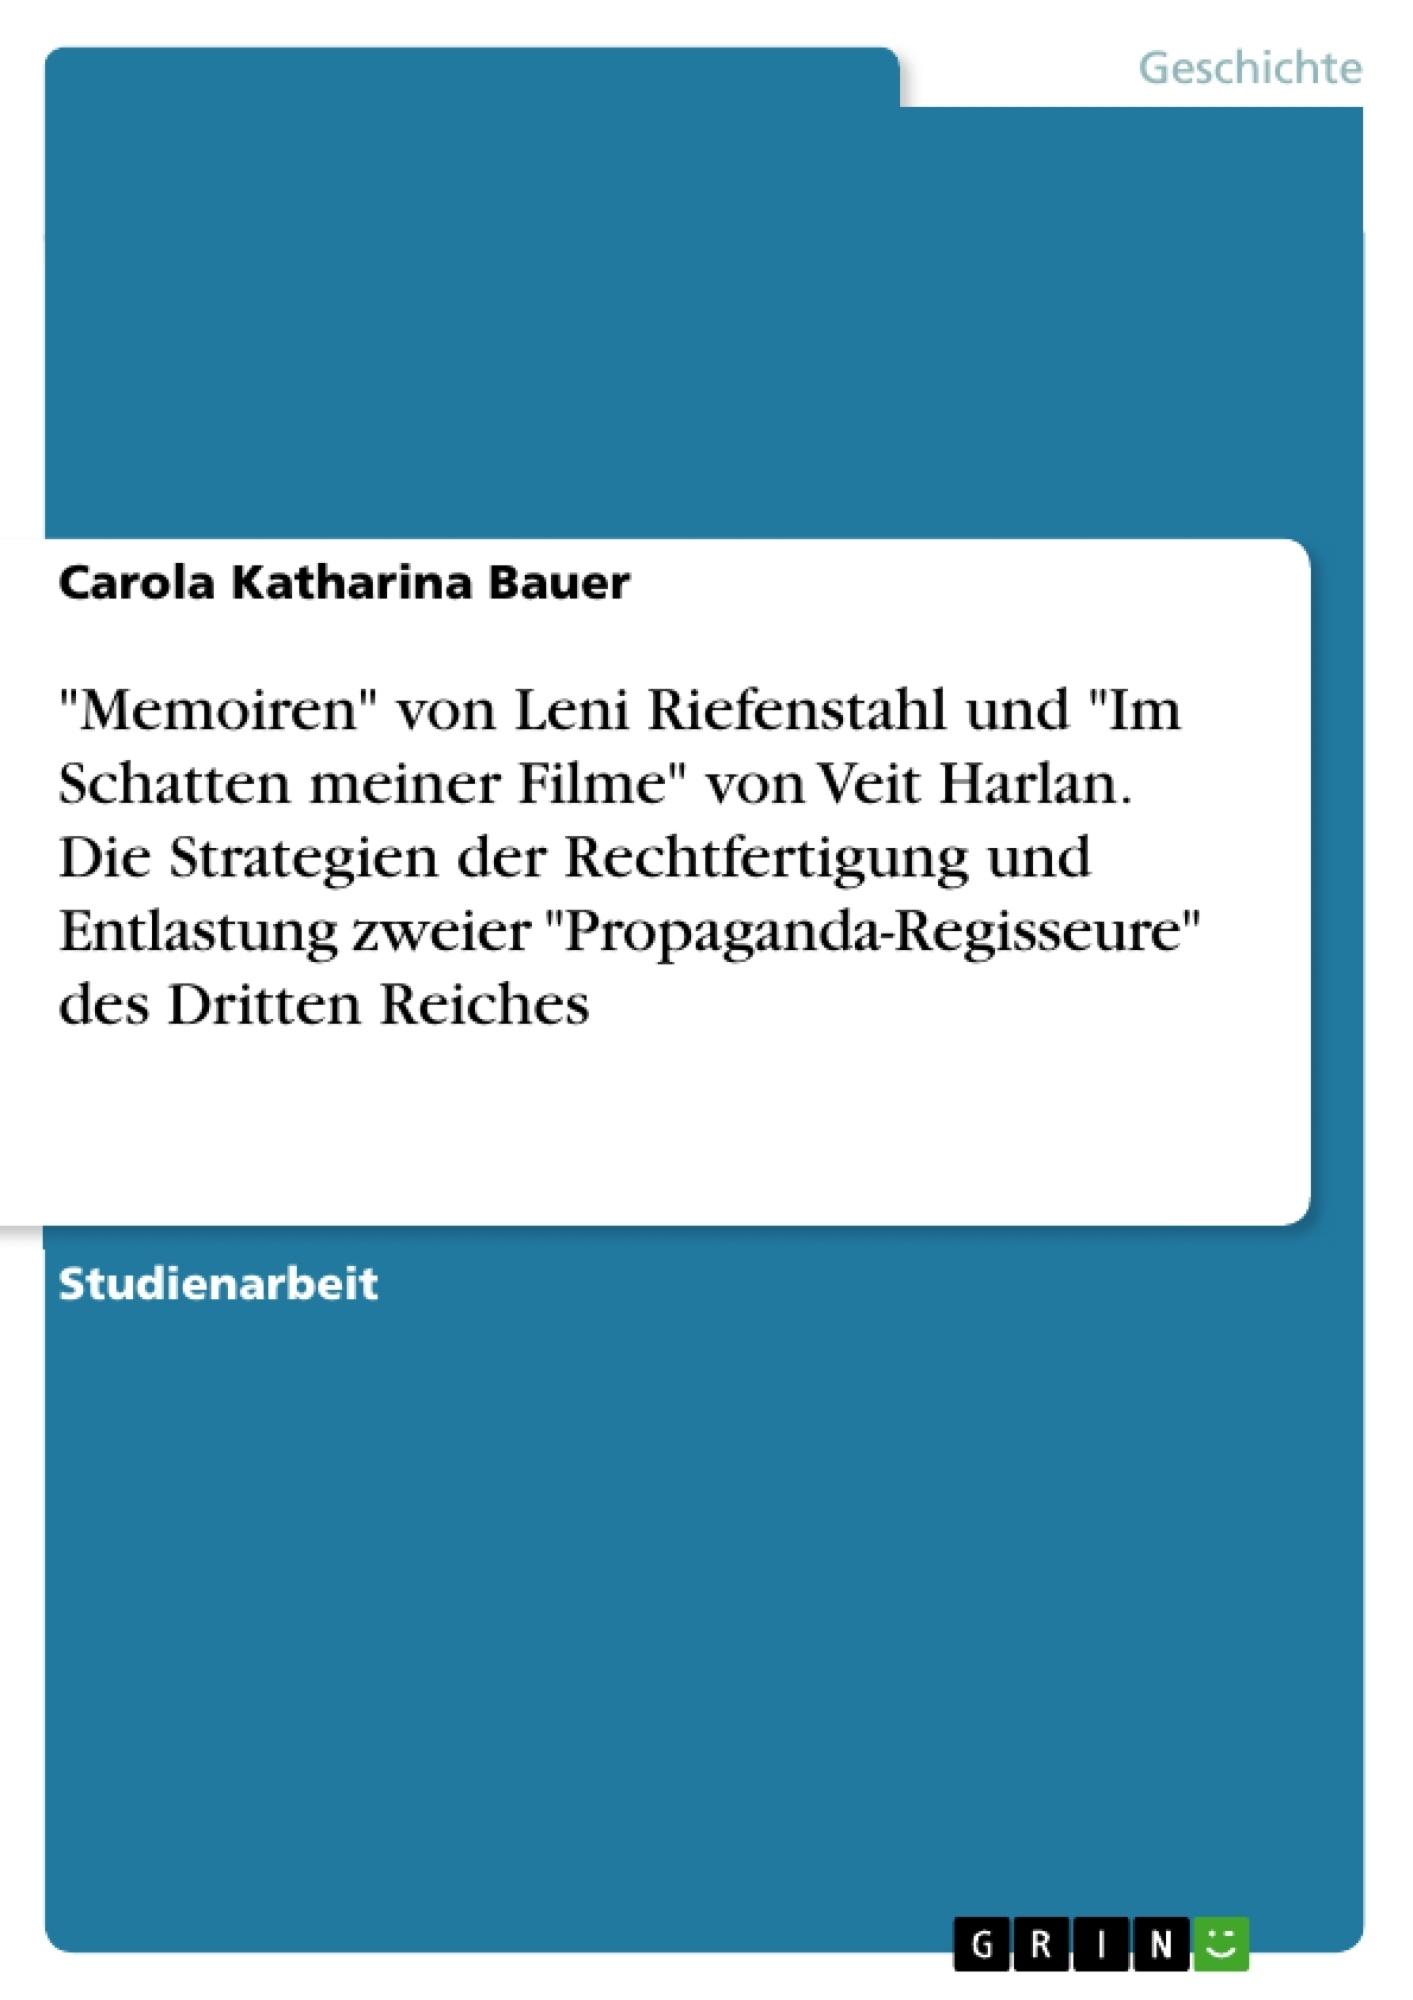 """Titel: """"Memoiren"""" von Leni Riefenstahl und """"Im Schatten meiner Filme"""" von Veit Harlan. Die Strategien der Rechtfertigung und Entlastung zweier """"Propaganda-Regisseure"""" des Dritten Reiches"""